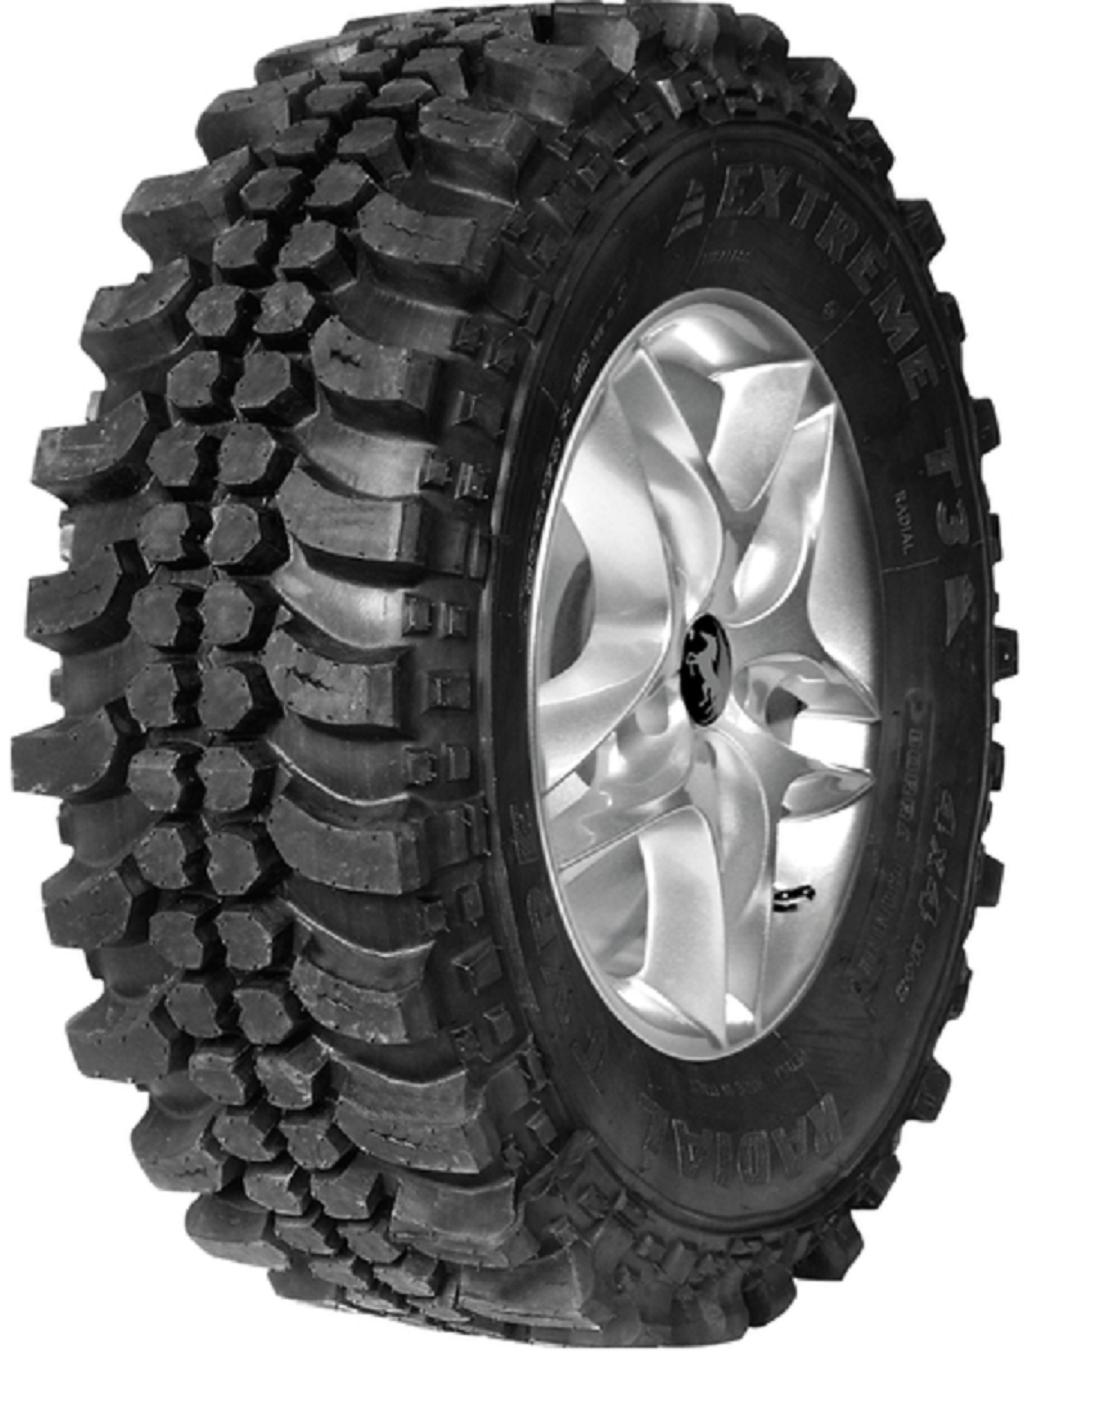 Poľovnícka offroad pneumatika T3 195/80 R15